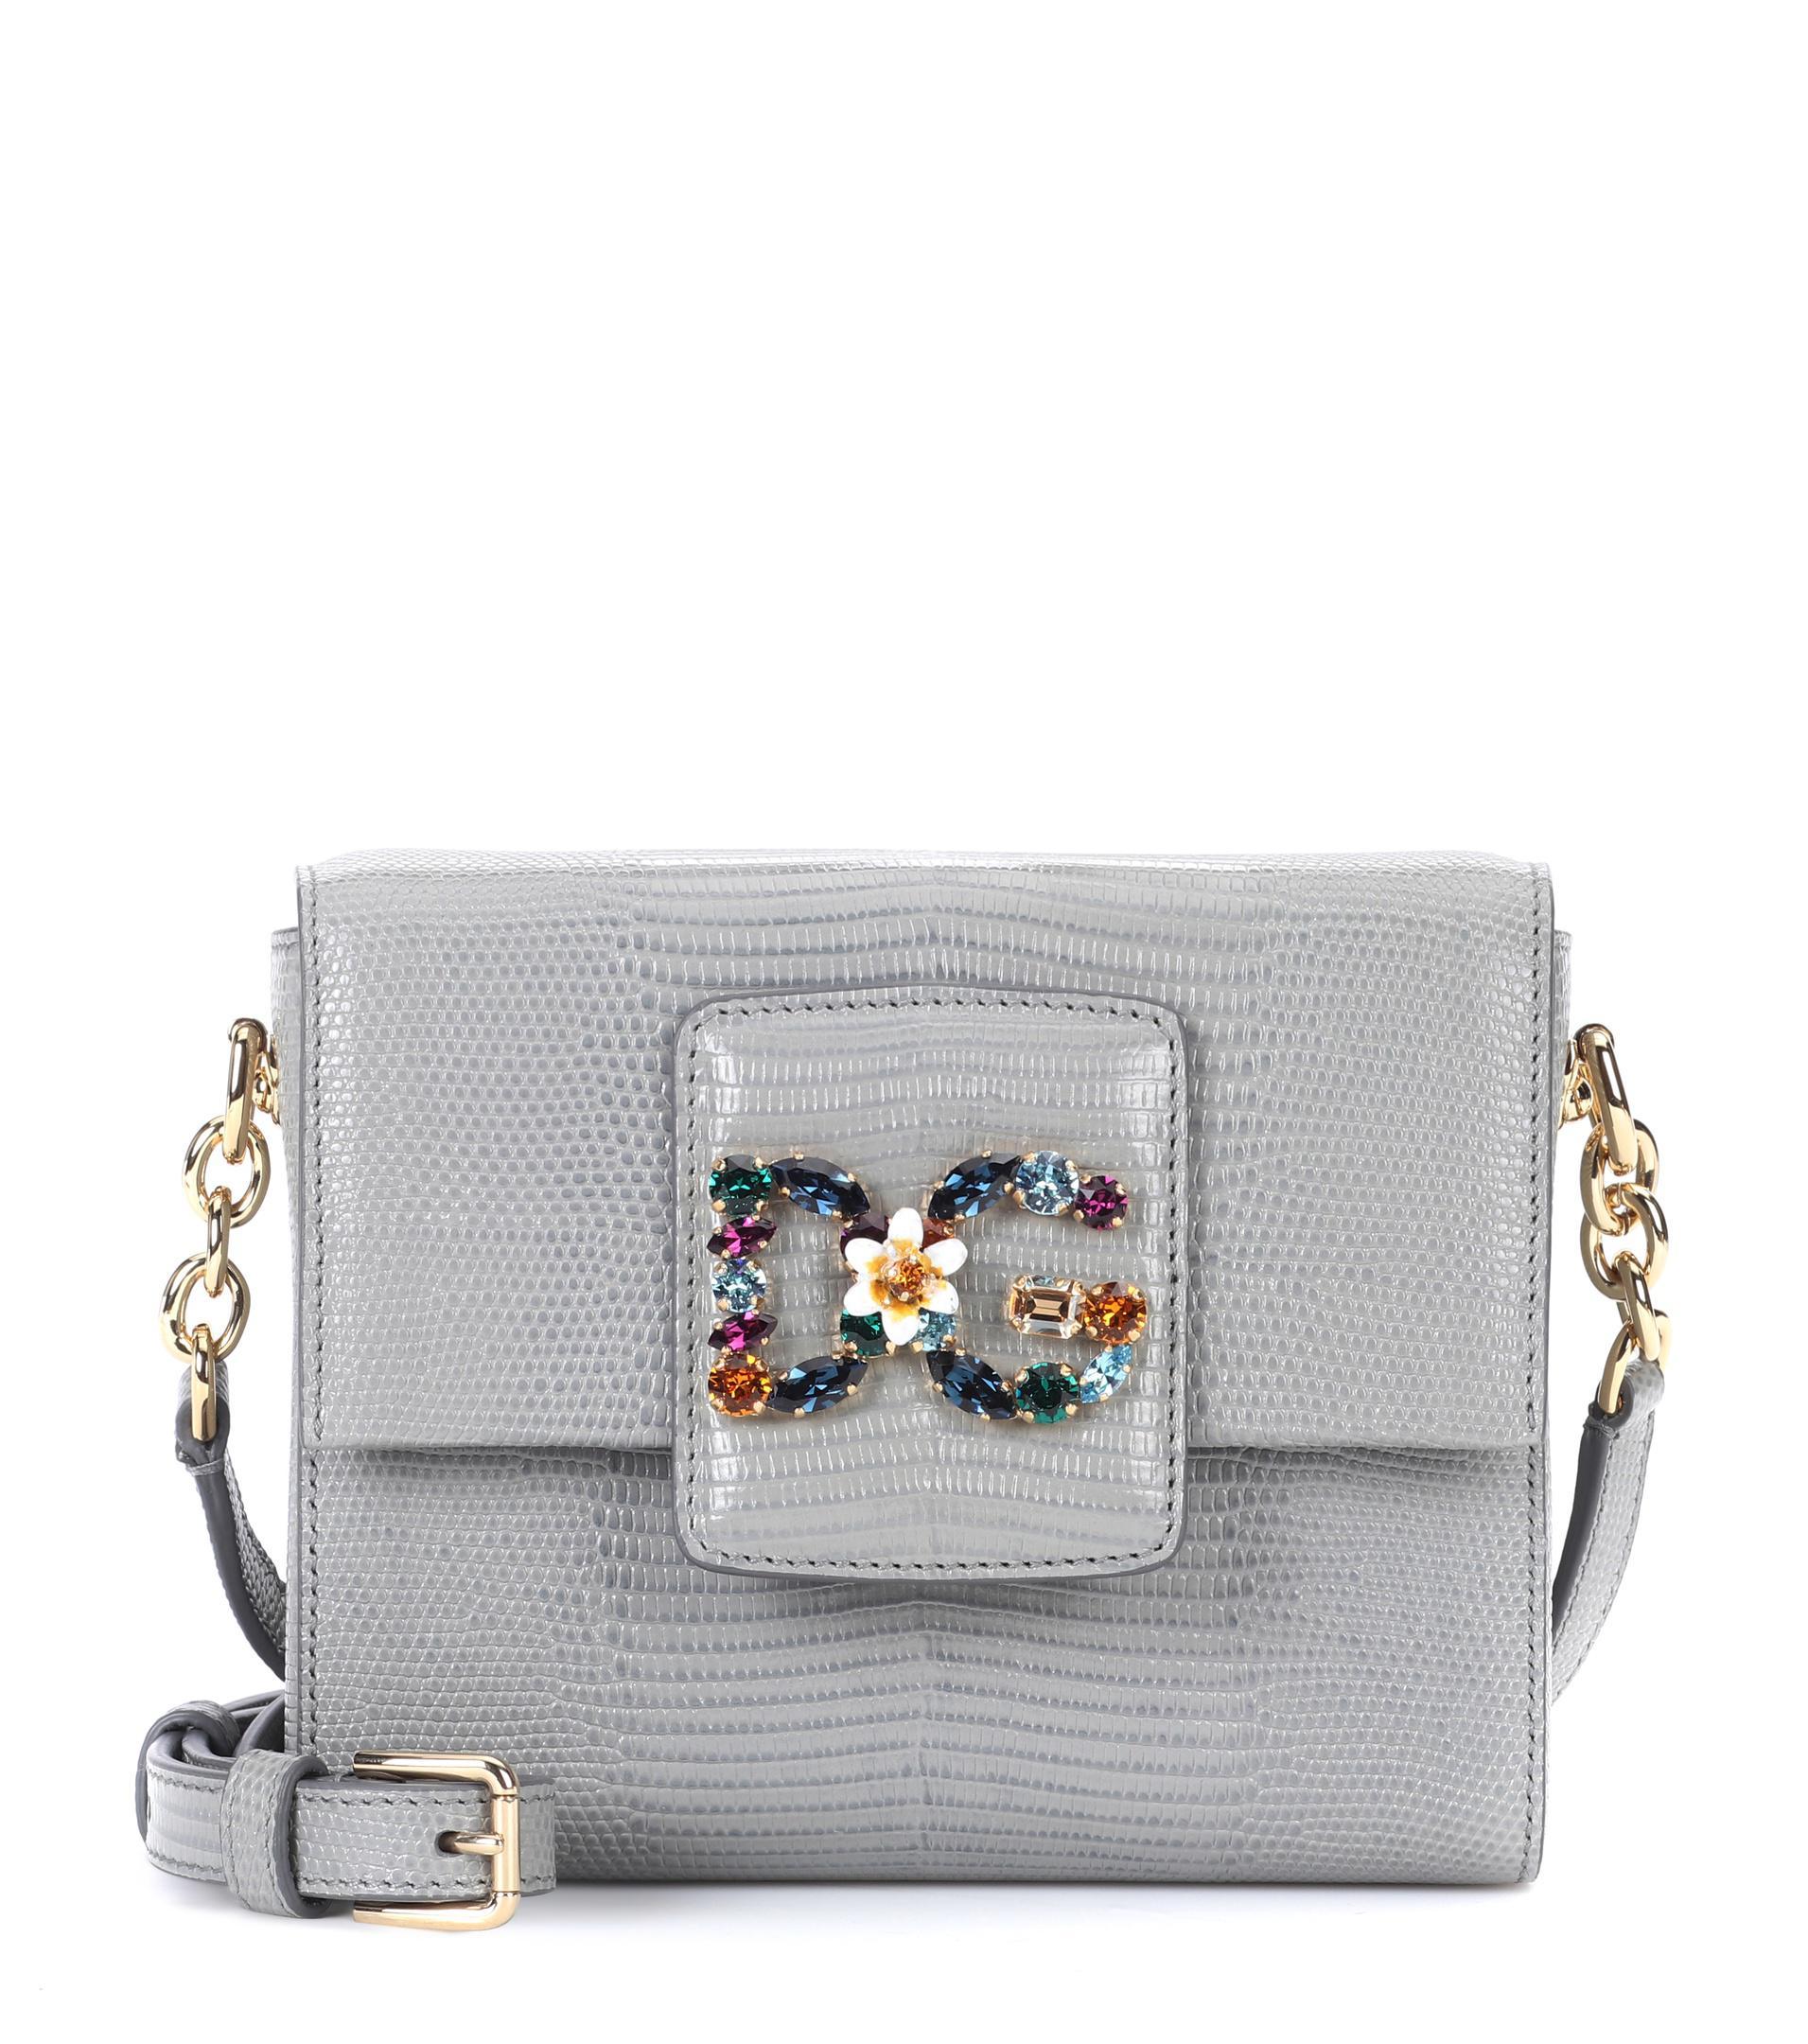 Dolce & Gabbana DG Millennials small shoulder bag ITtPIp